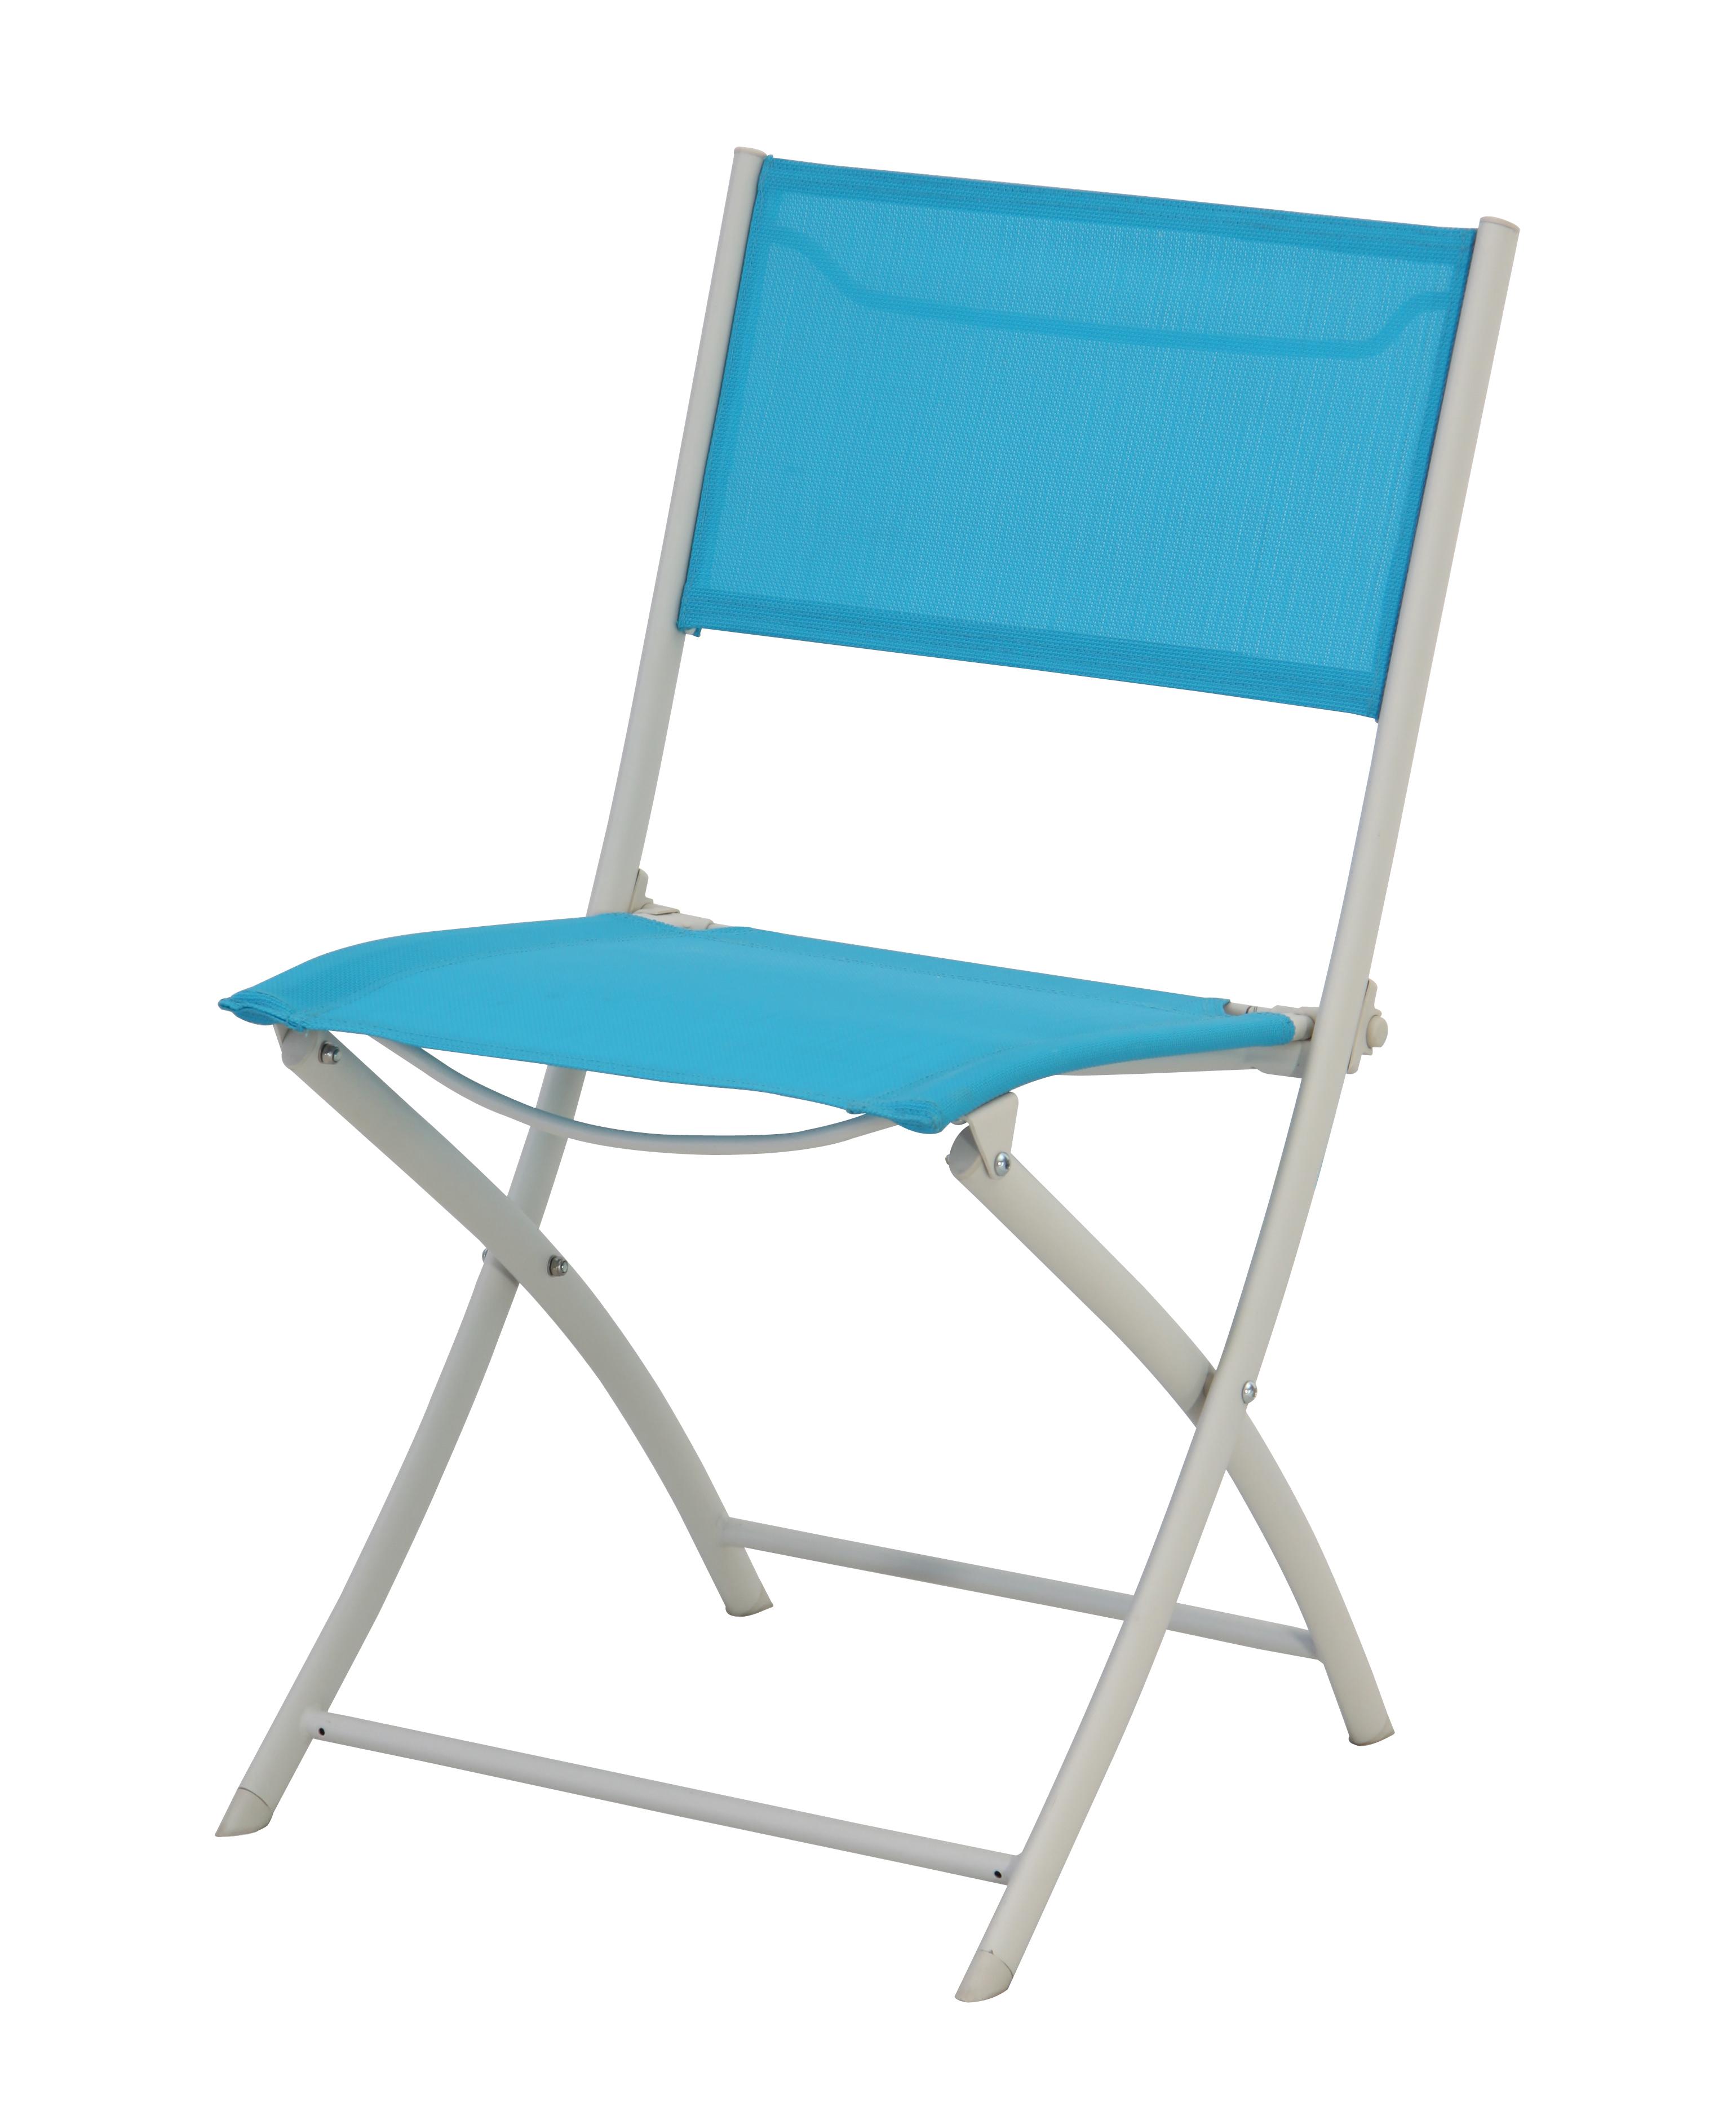 CARREFOUR Chaise De Jardin Tello Pliante